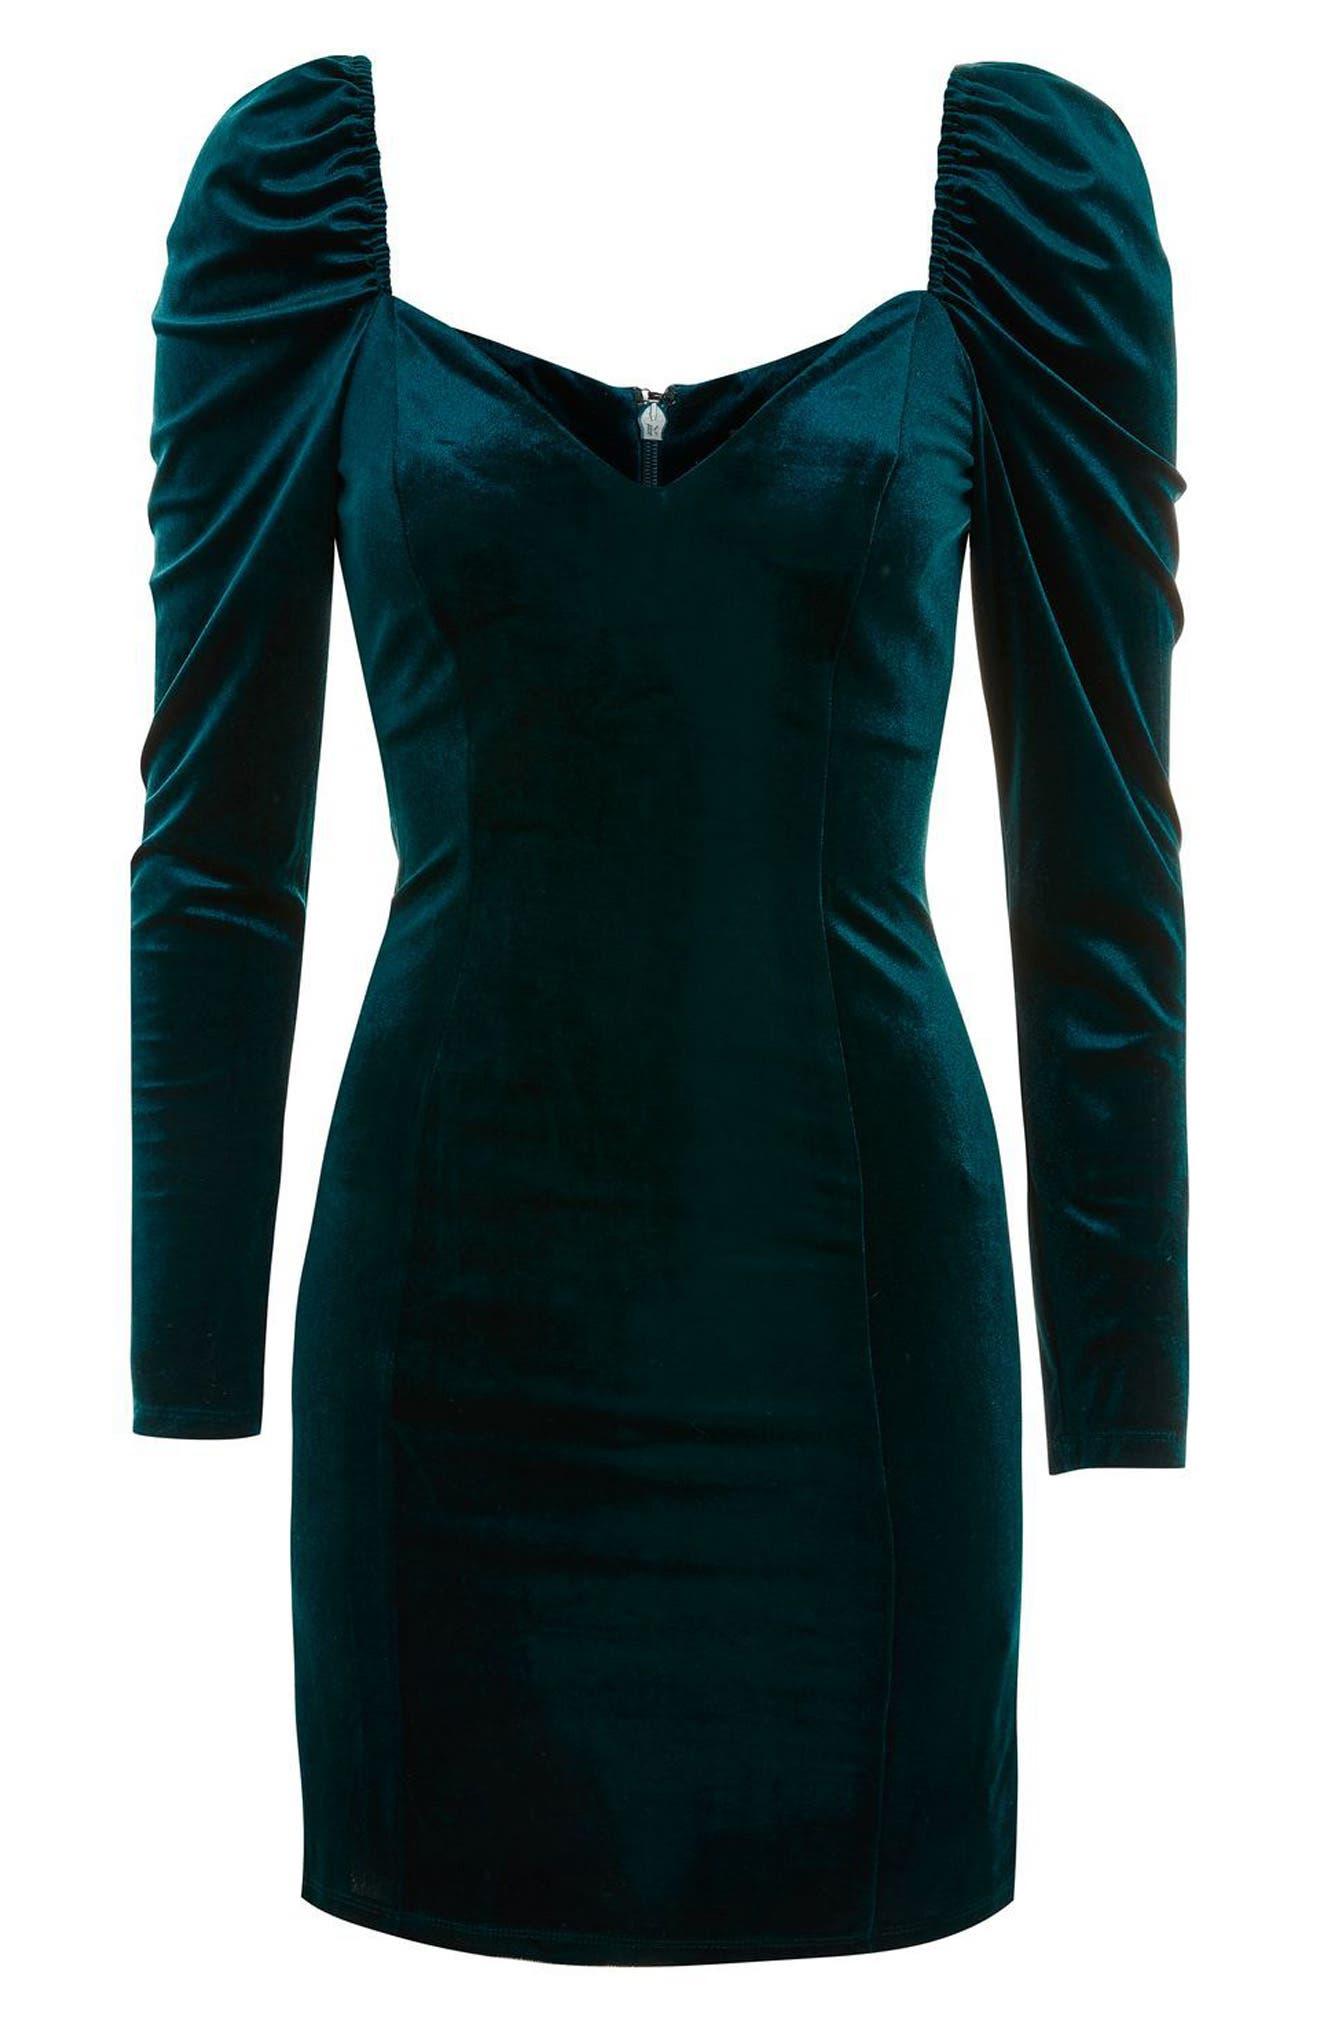 Velvet Sweetheart Neck Body-Con Dress,                             Alternate thumbnail 4, color,                             Teal